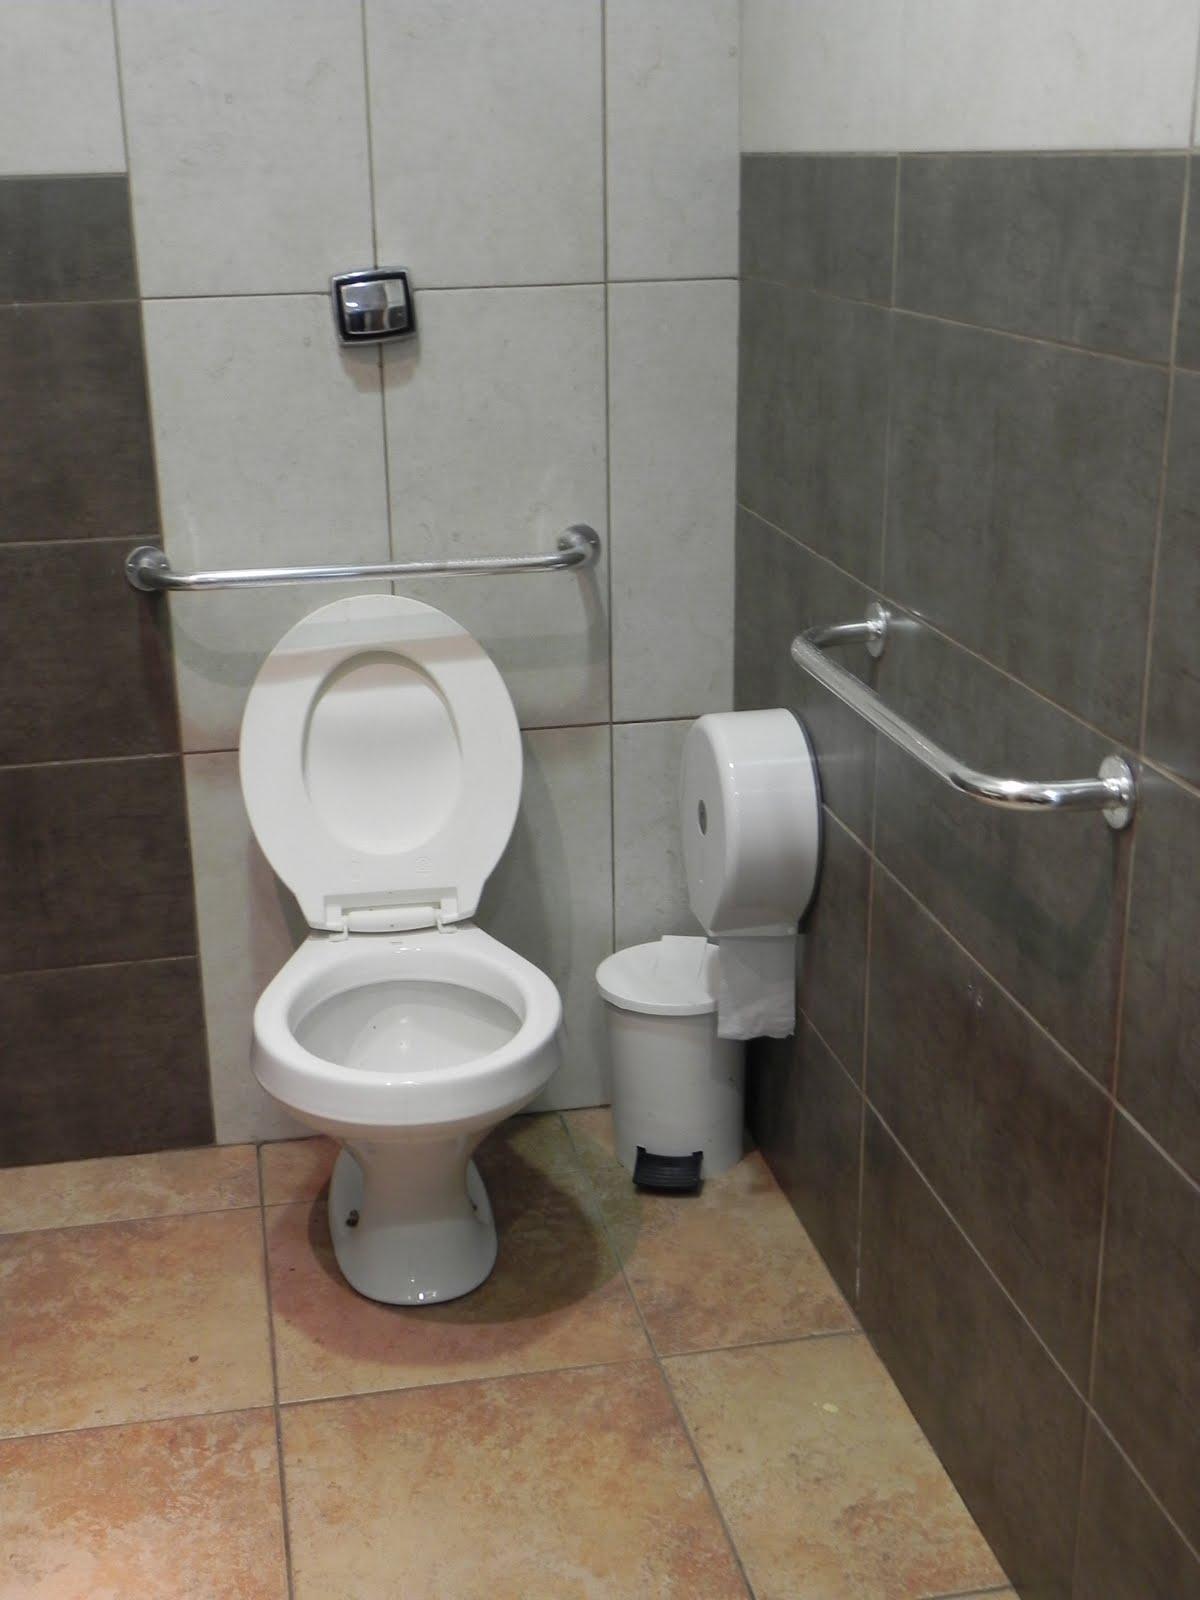 Imagens de #826549 Presença de barras de apoio junto à bacia sanitária na lateral e no  1200x1600 px 3582 Barra Para Banheiro De Cadeirante